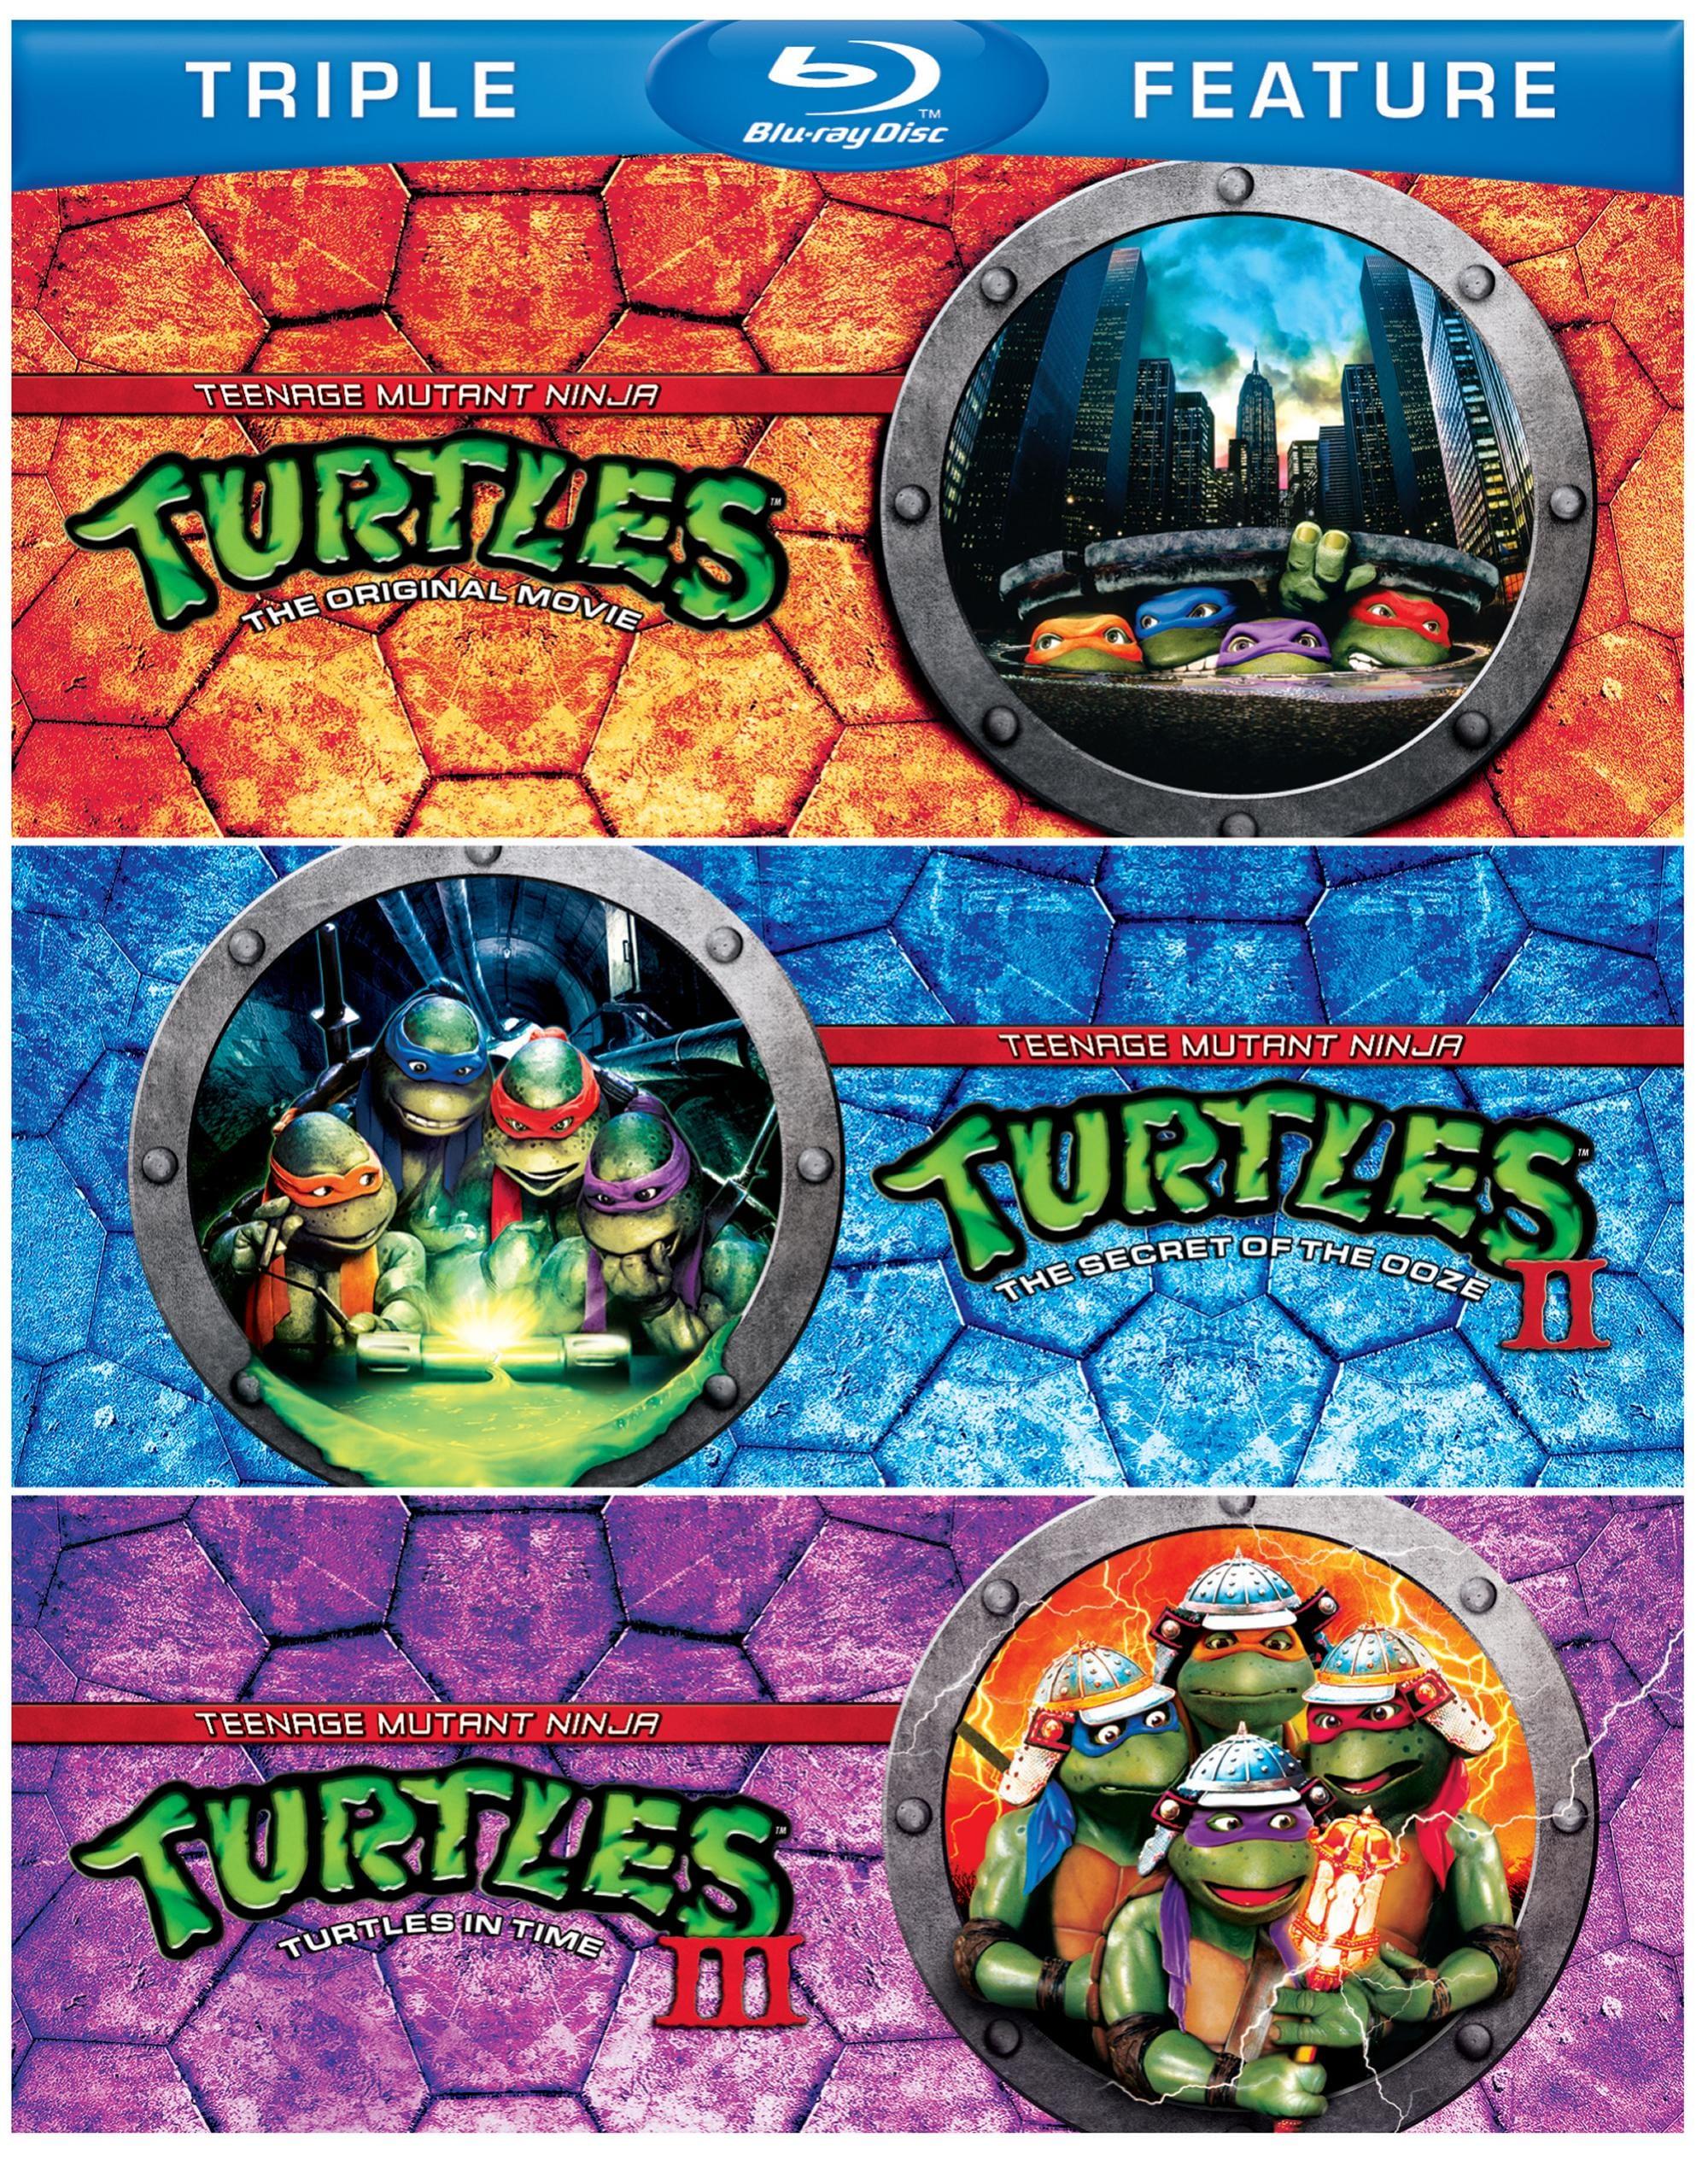 Teenage Mutant Ninja Turtles/Teenage Mutant Ninja Turtles 2/Teenage Mutant Ninja Turtles 3 (Blu-ray Disc)